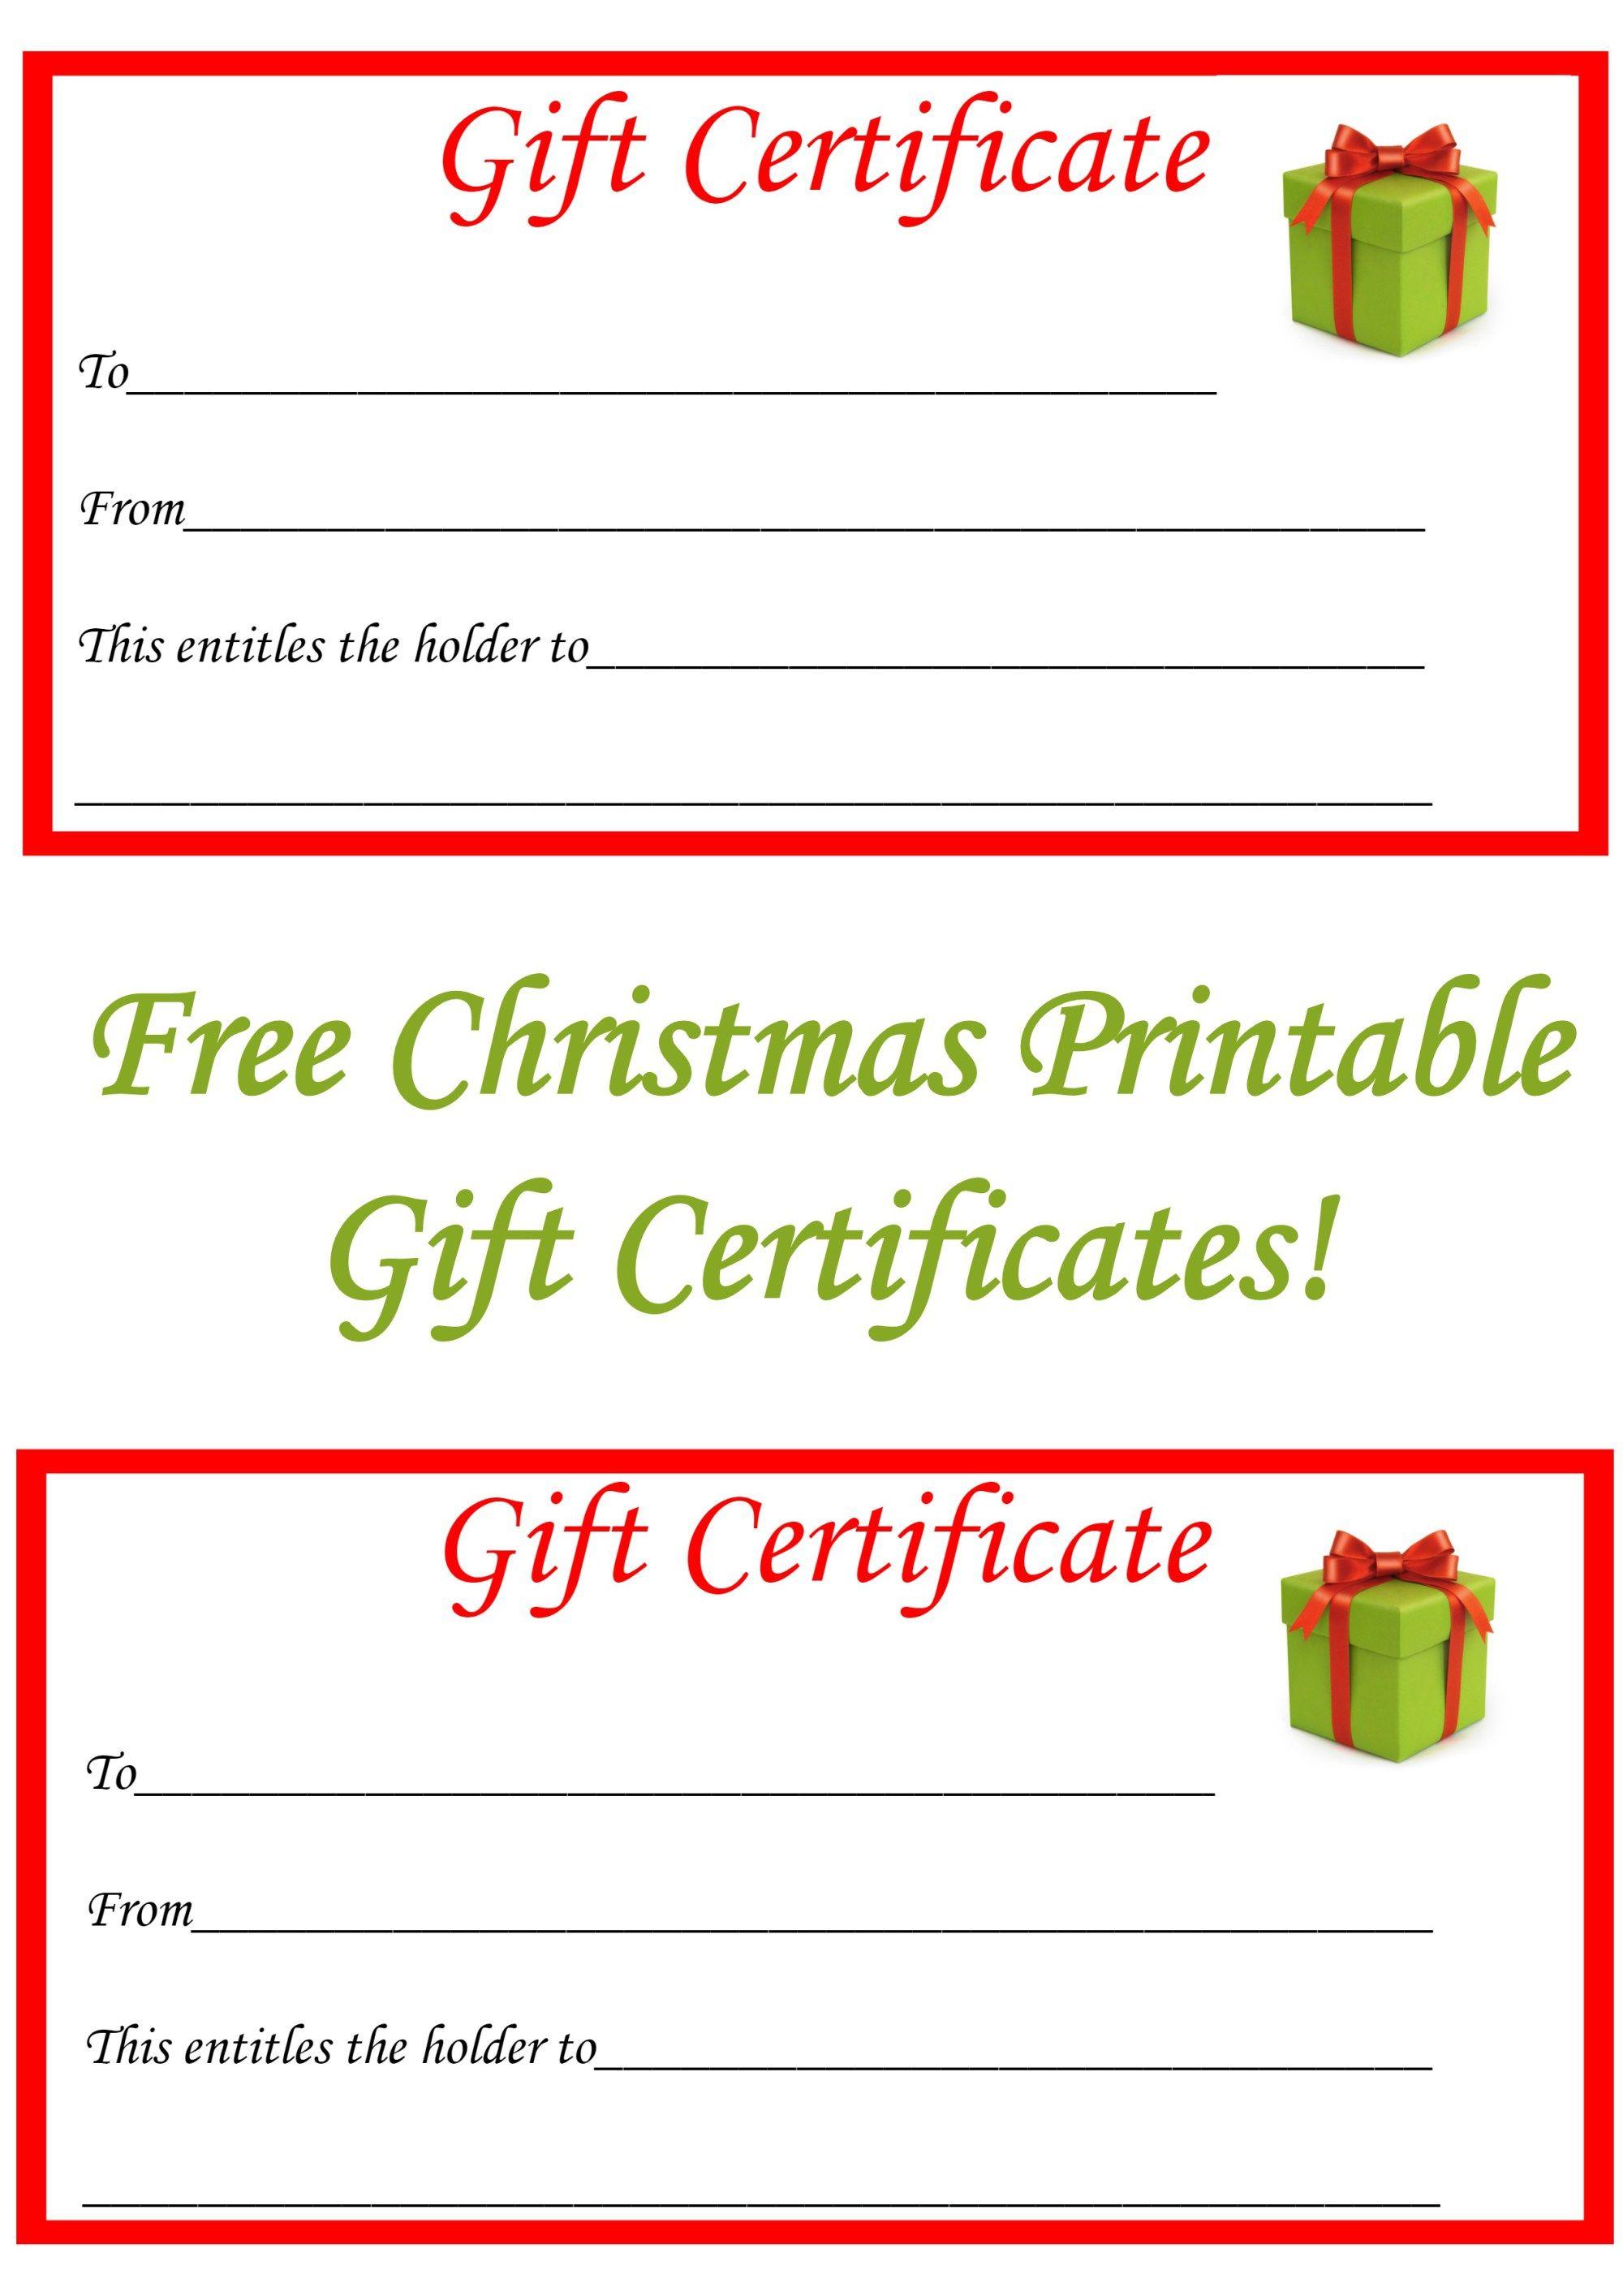 Free Christmas Printable Gift Certificates Christmas Gift